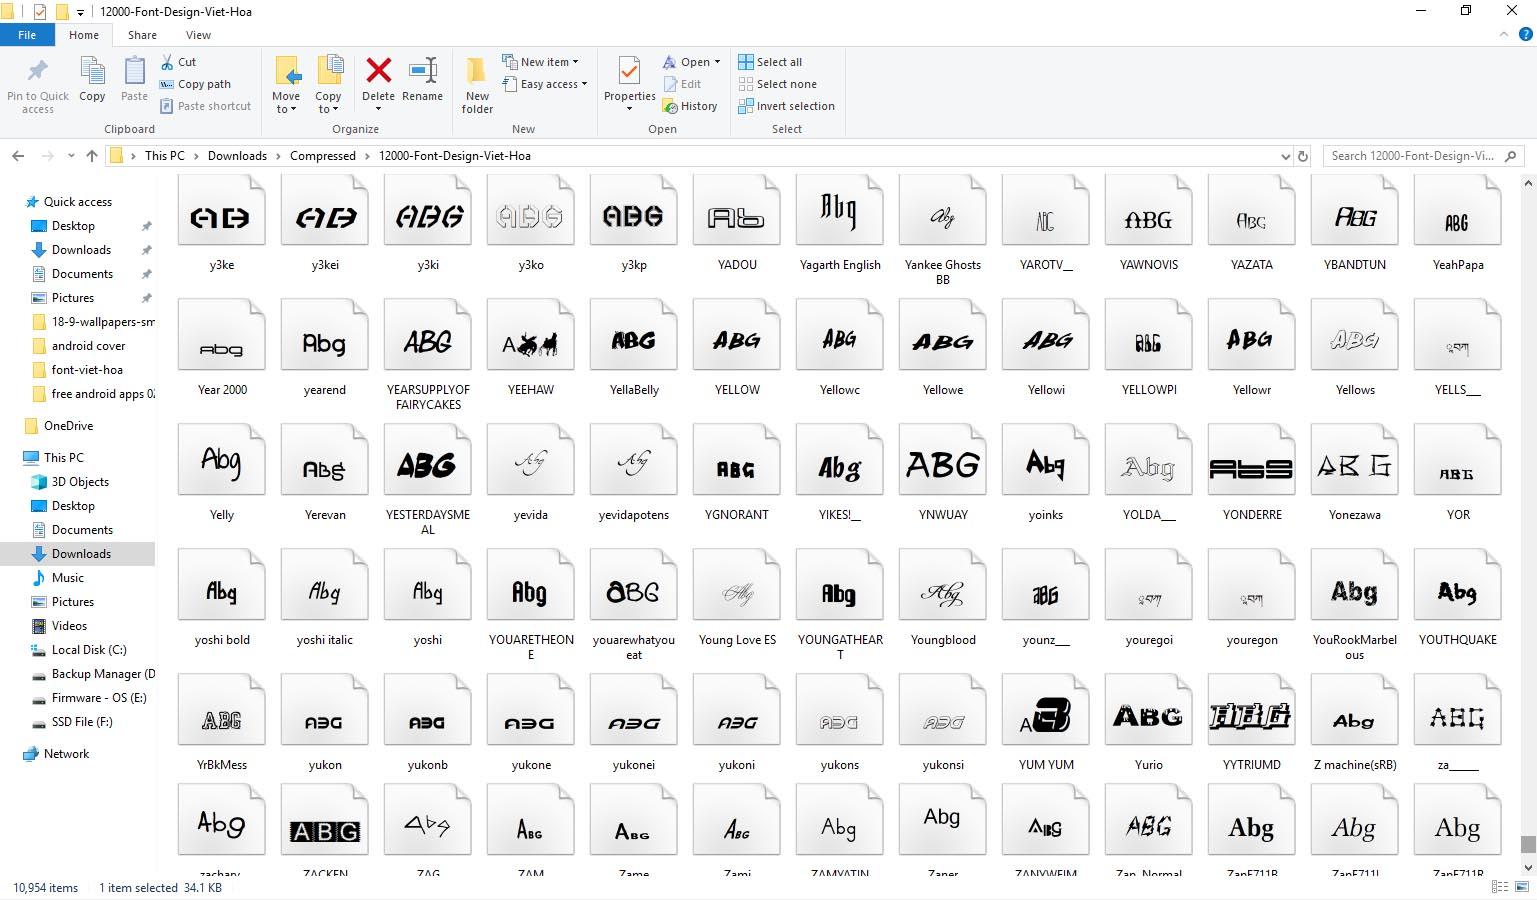 Chia sẻ hơn 10.000 font chữ đã được Việt Hóa dành cho Photoshop